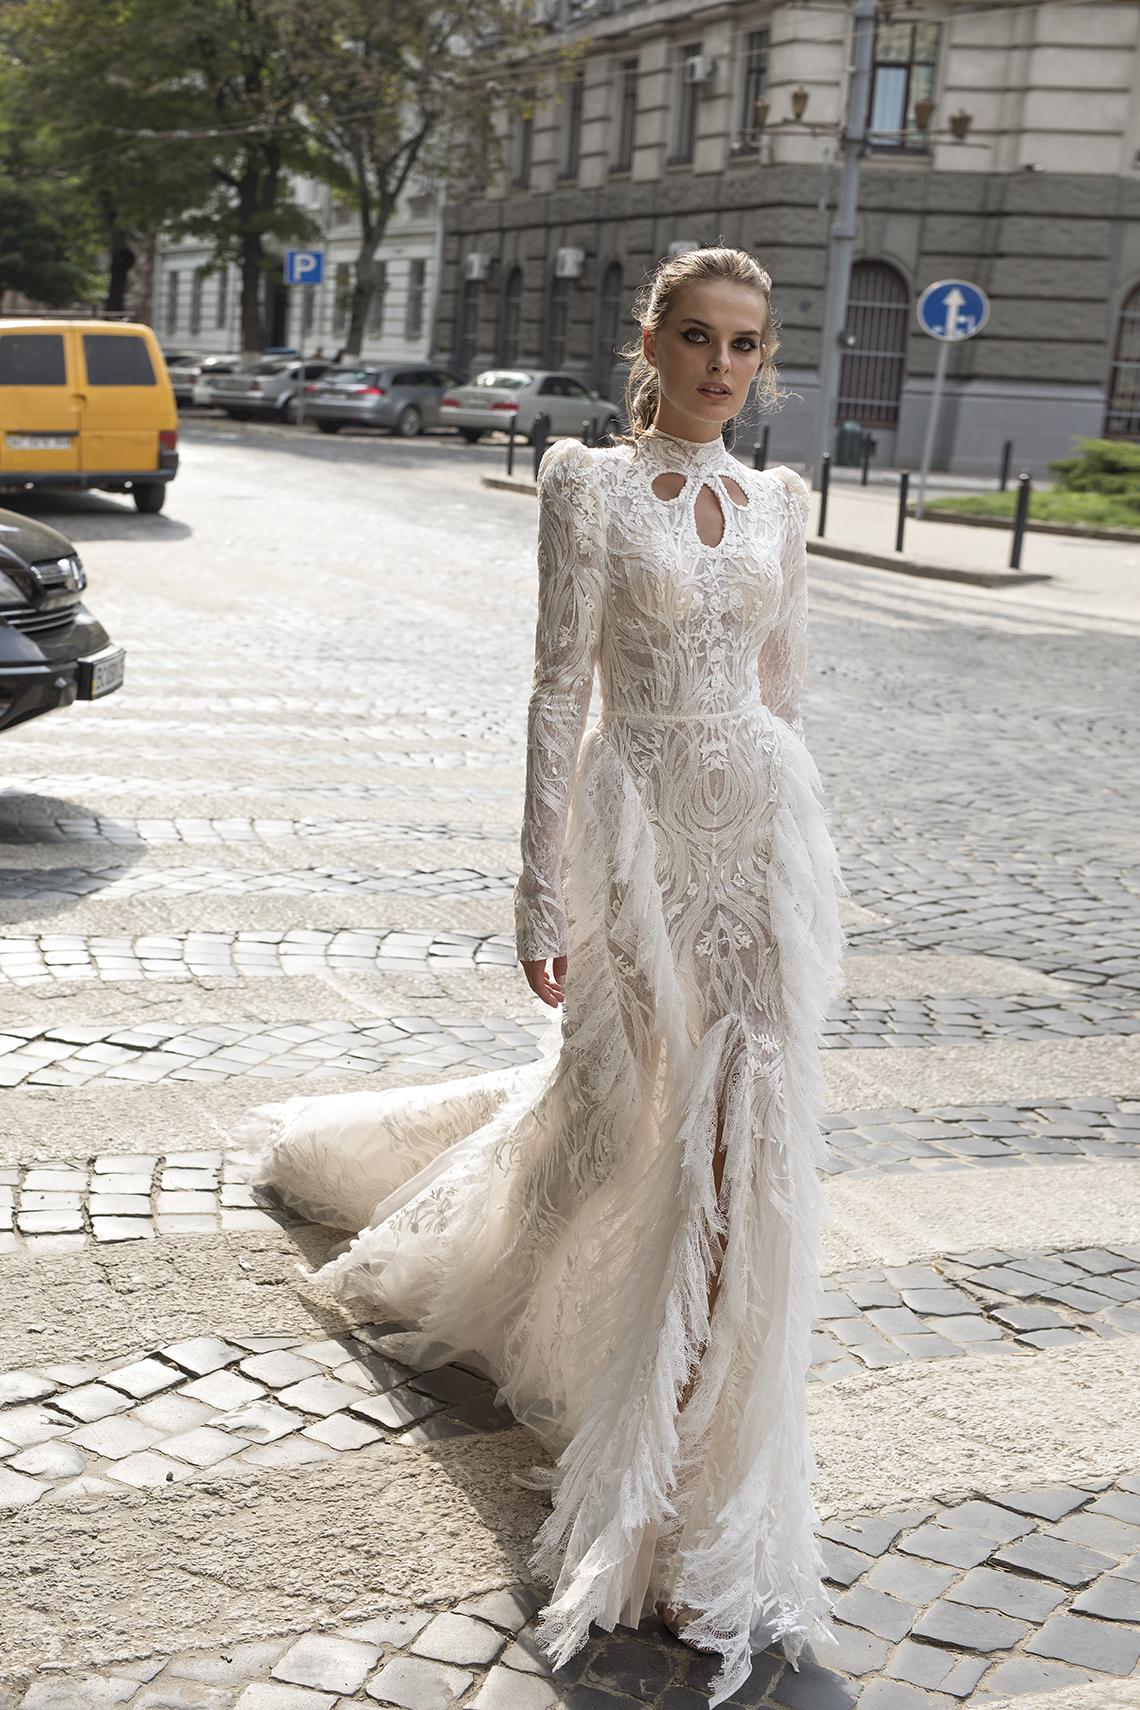 Riki Dalal Amor Wedding Dress Collection – Lia Dress 3